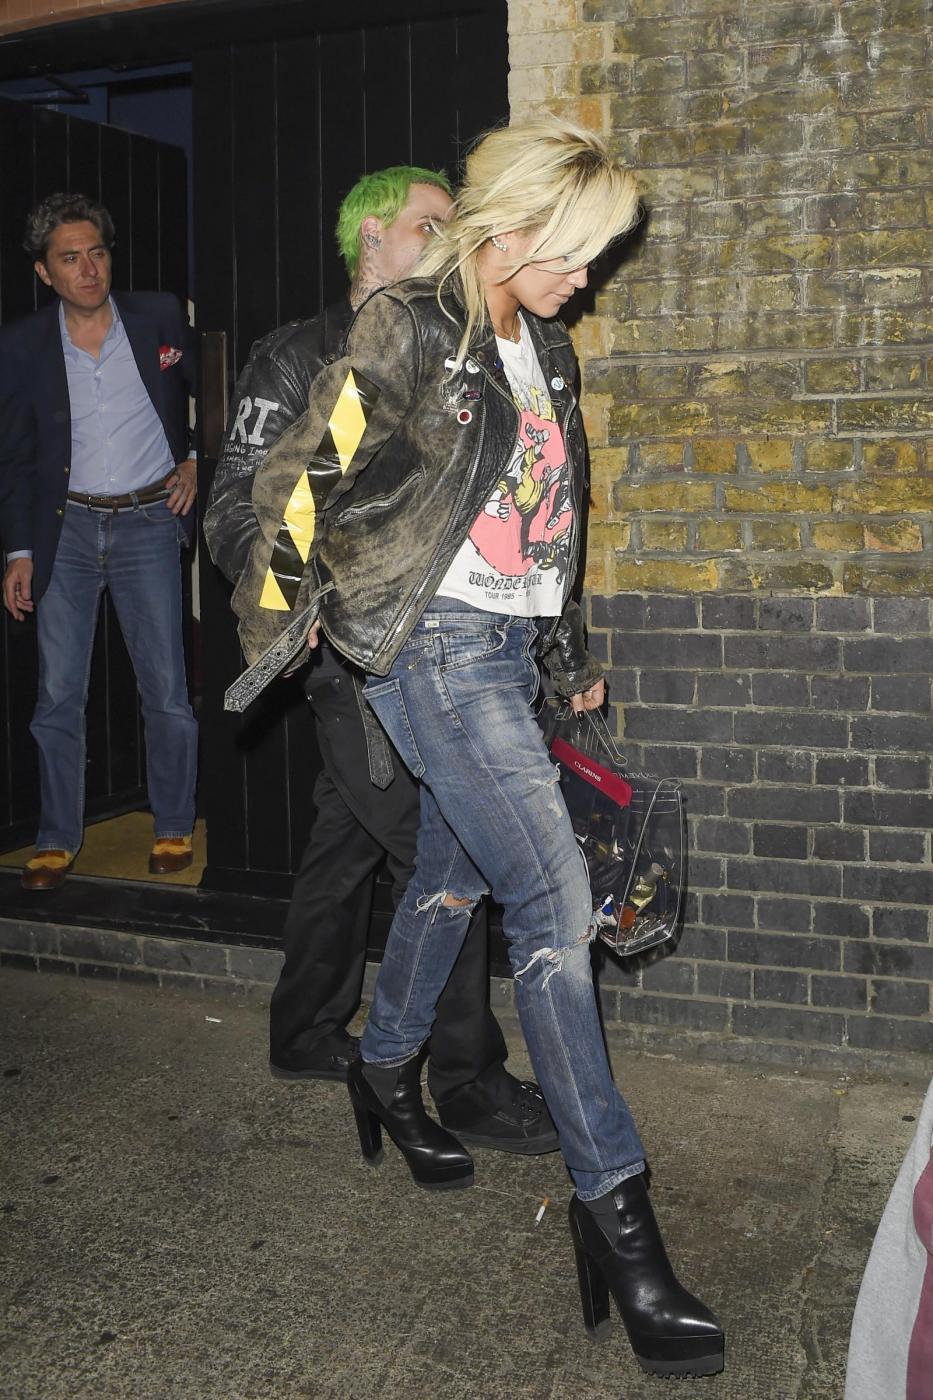 Rita Ora insieme al fidanzato Ricky Hil a Londra FOTO 4